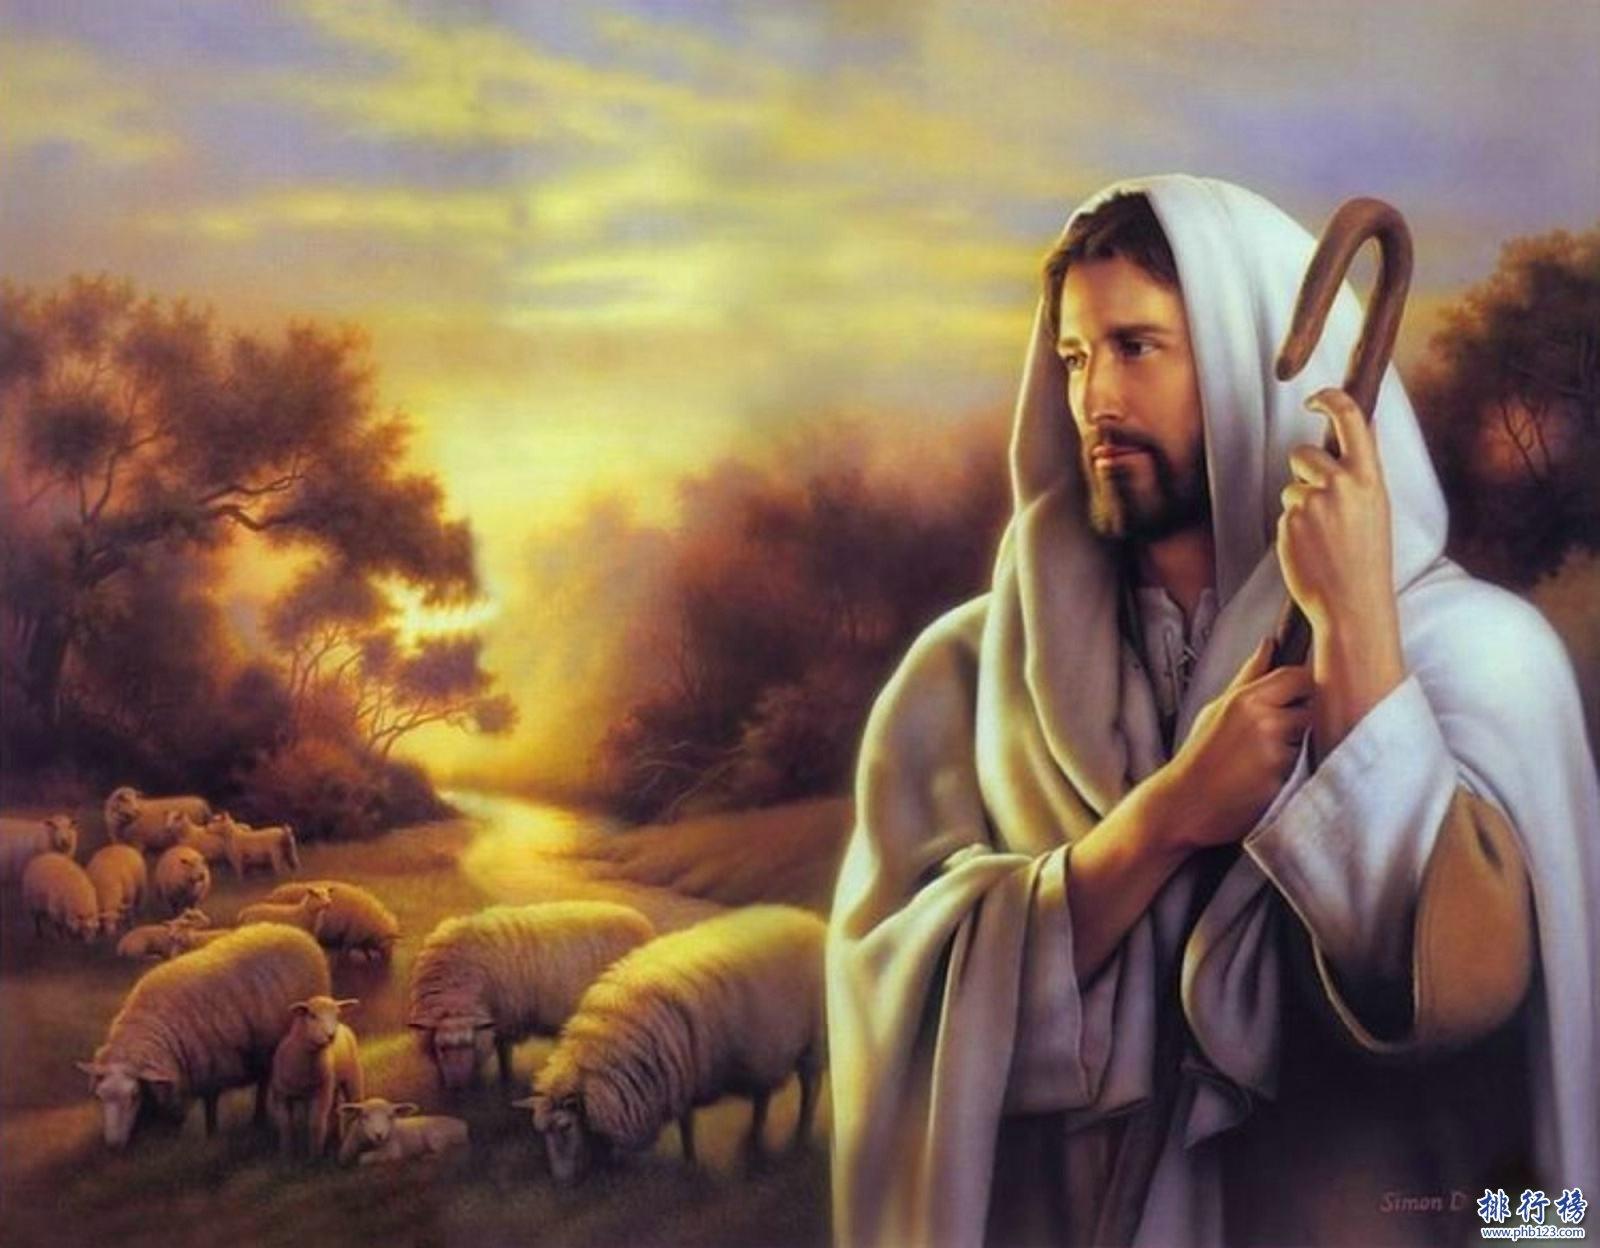 世界圣人排行榜:一个被活活烧死一个是神的转世